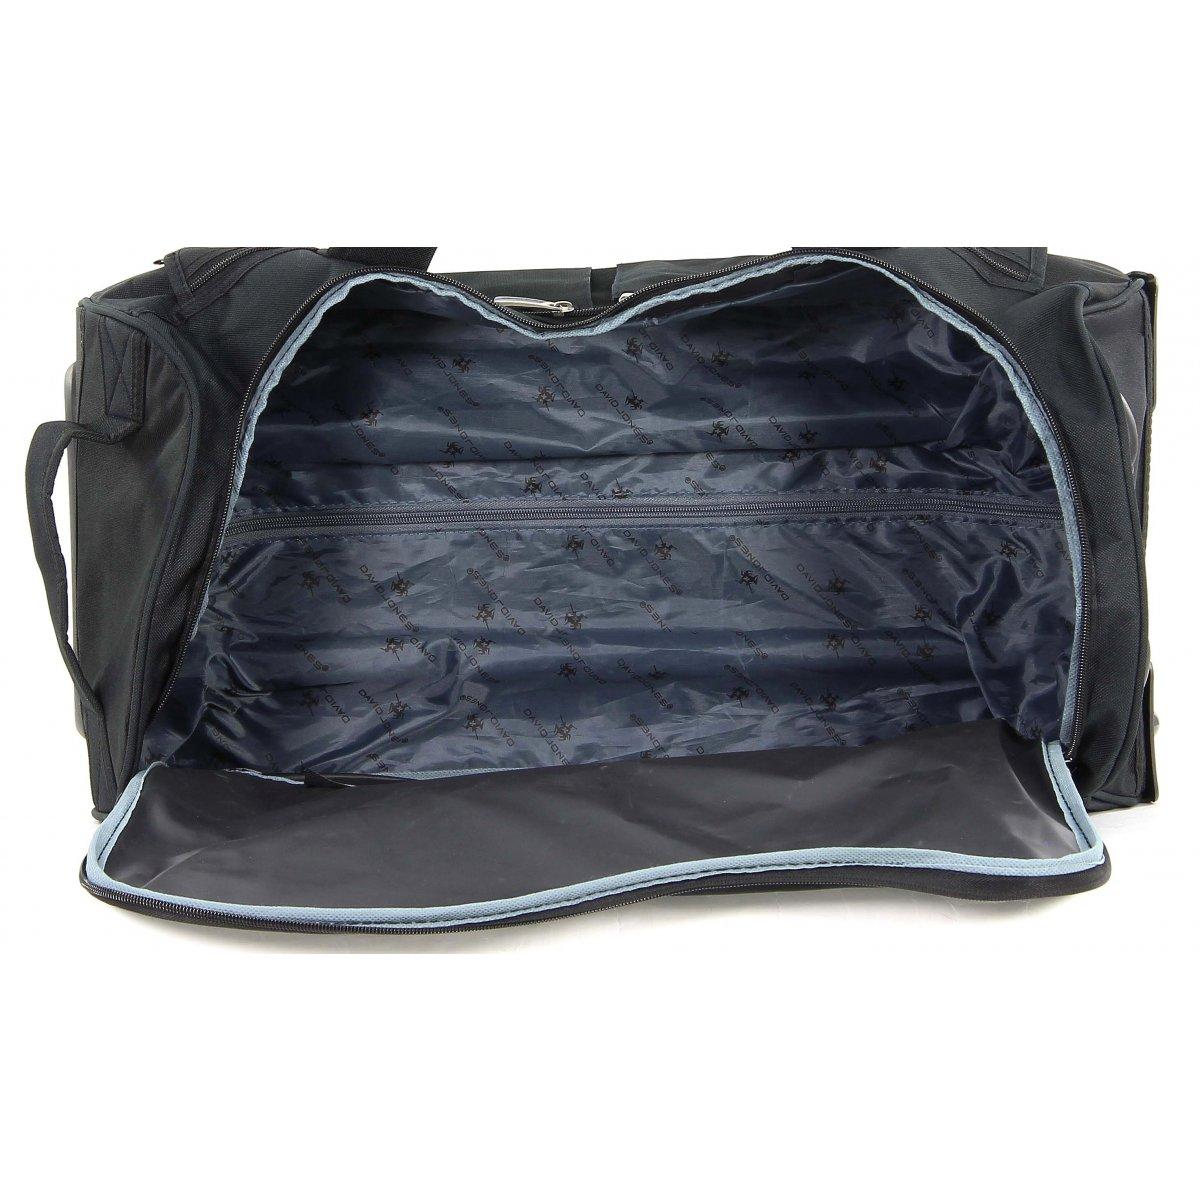 sac de voyage roulettes david jones b10001s couleur. Black Bedroom Furniture Sets. Home Design Ideas